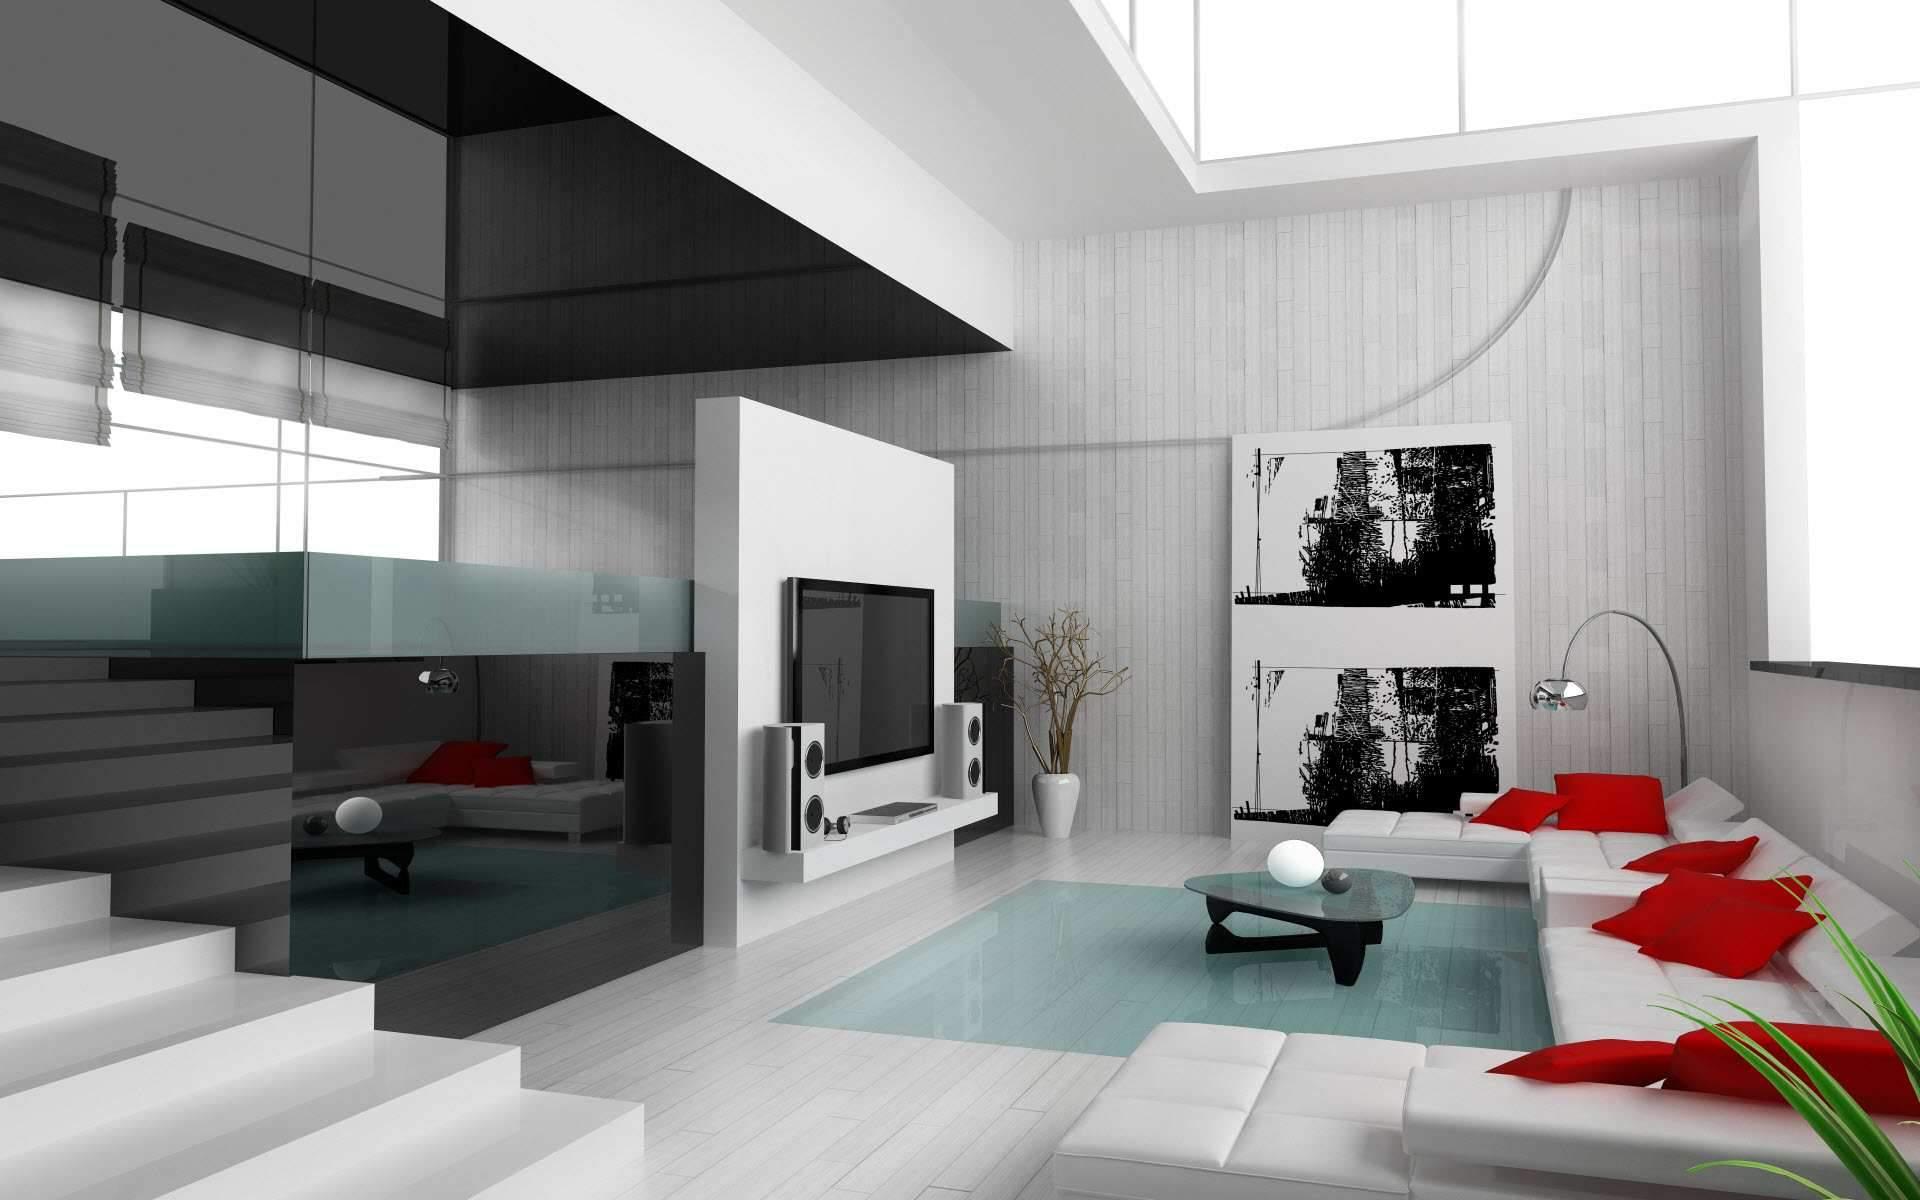 soggiorni moderni: trova l'ispirazione per il tuo soggiorno - Design Soggiorno Moderno 2